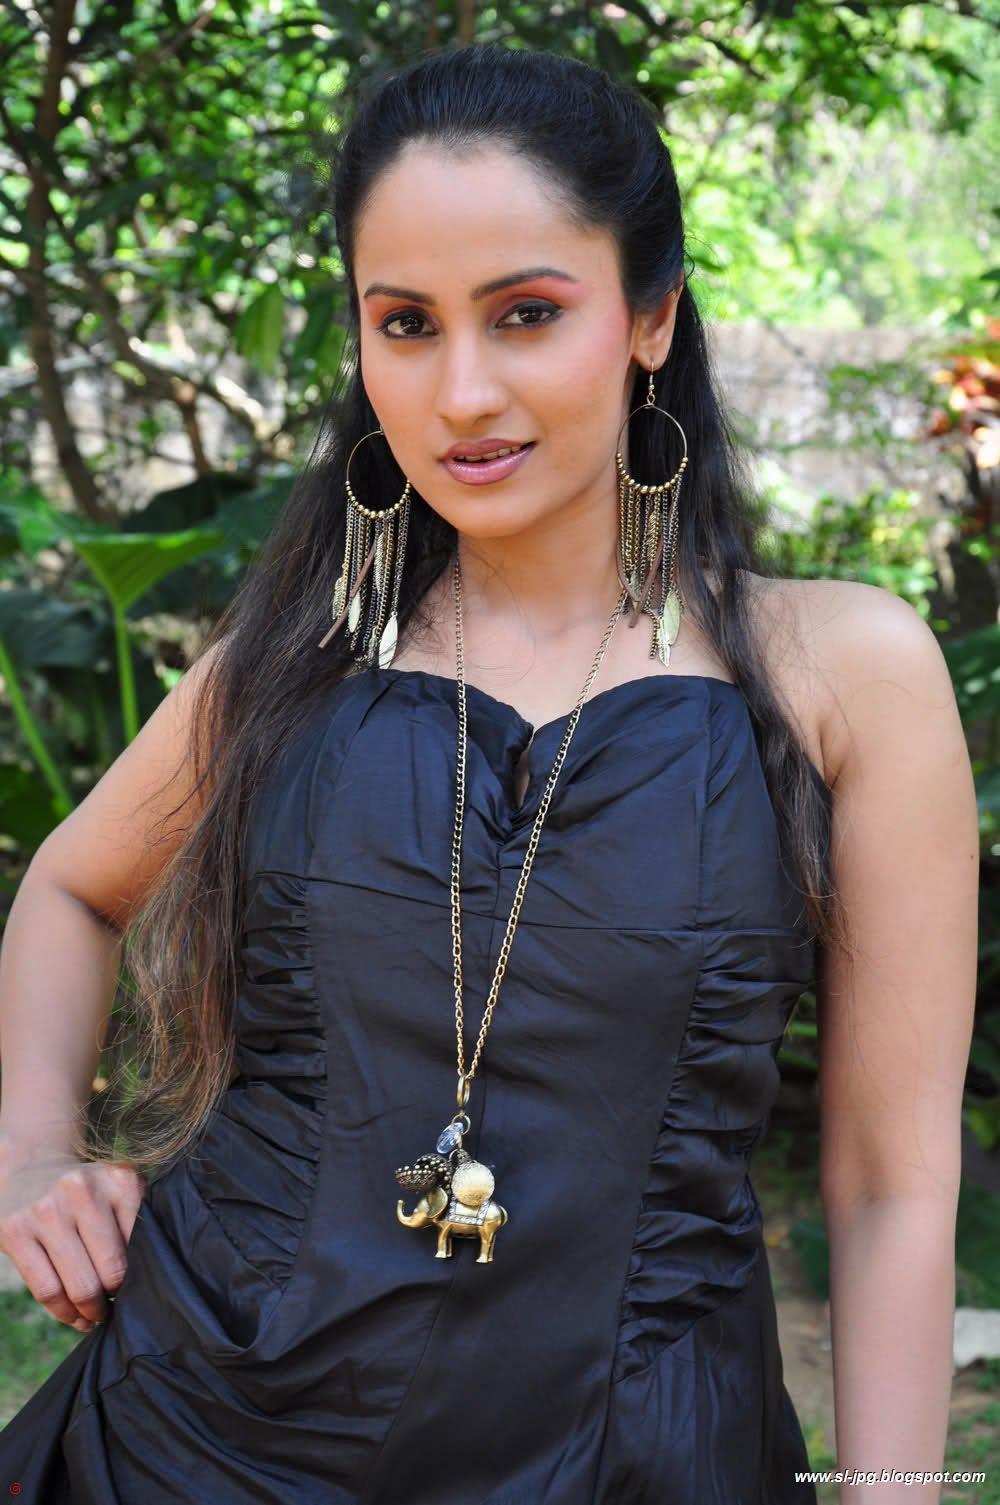 Srilankan Actress Sri Lankan Actress Oshani Dias Hot Photos-2772